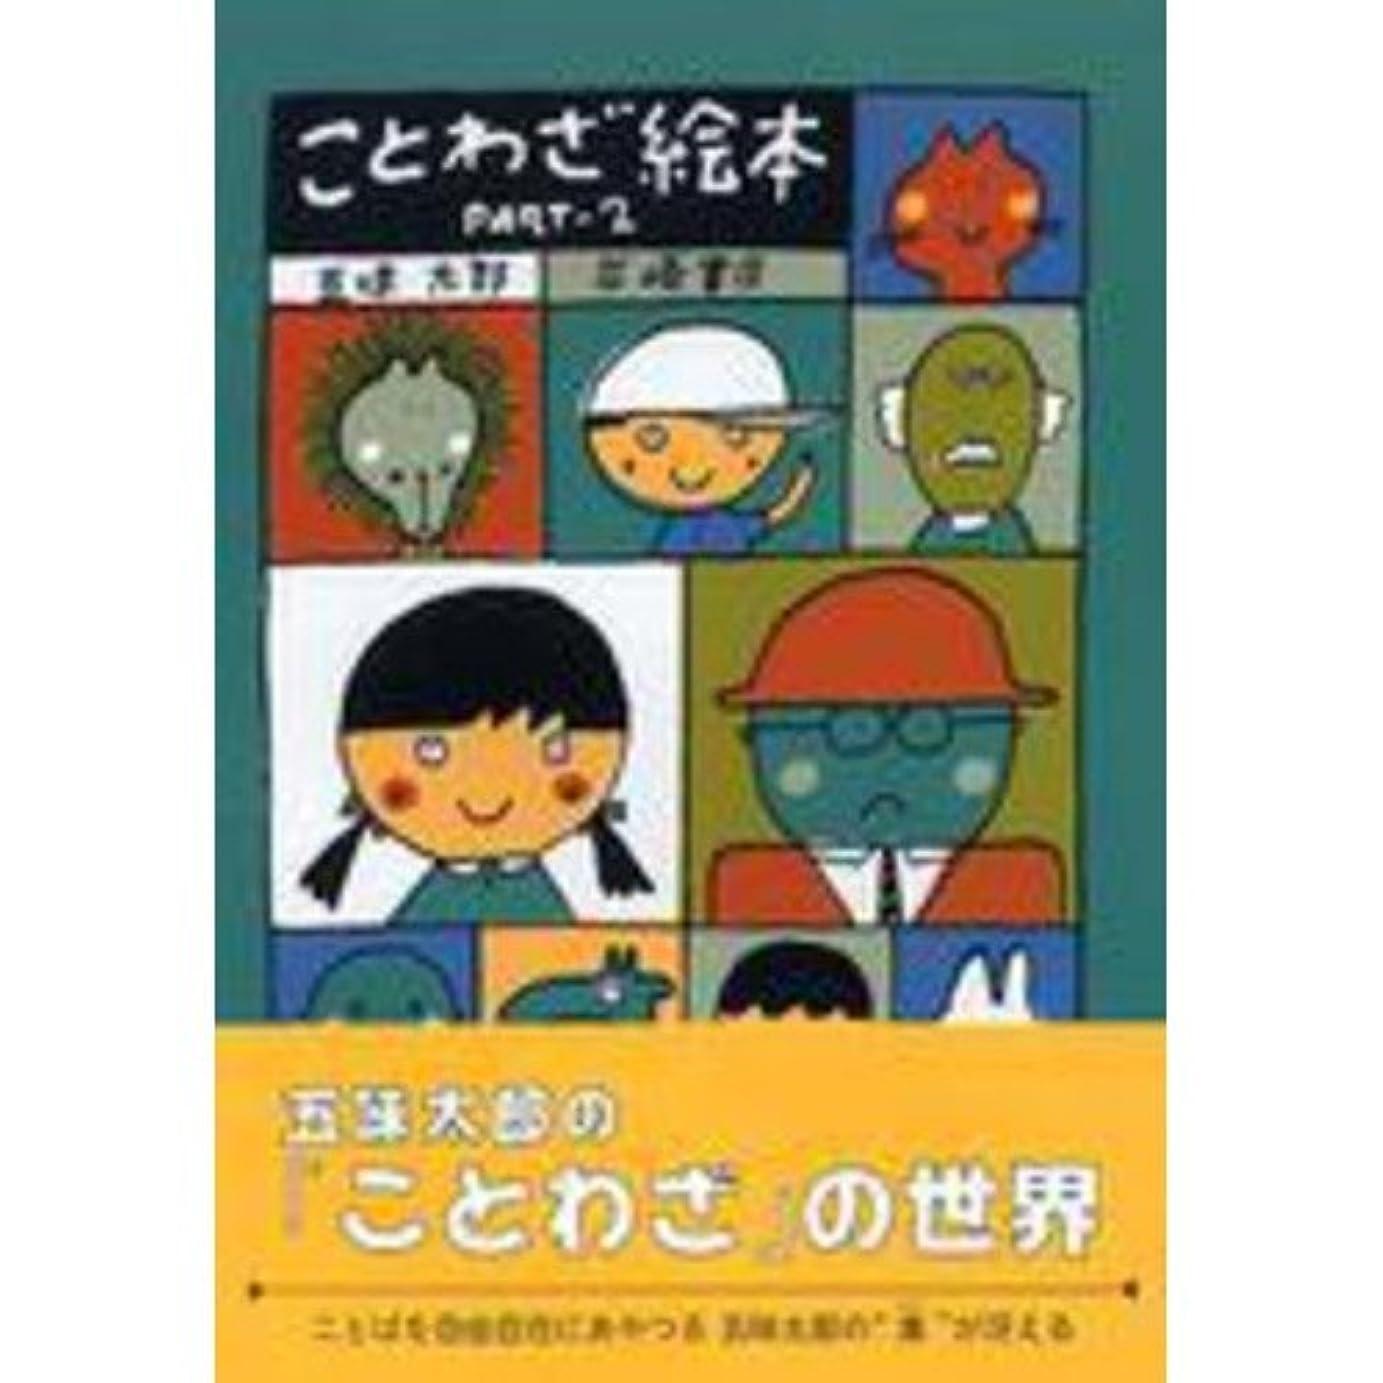 分析的なボンドヒール岩崎書店 ことわざ絵本 PART2 A5判